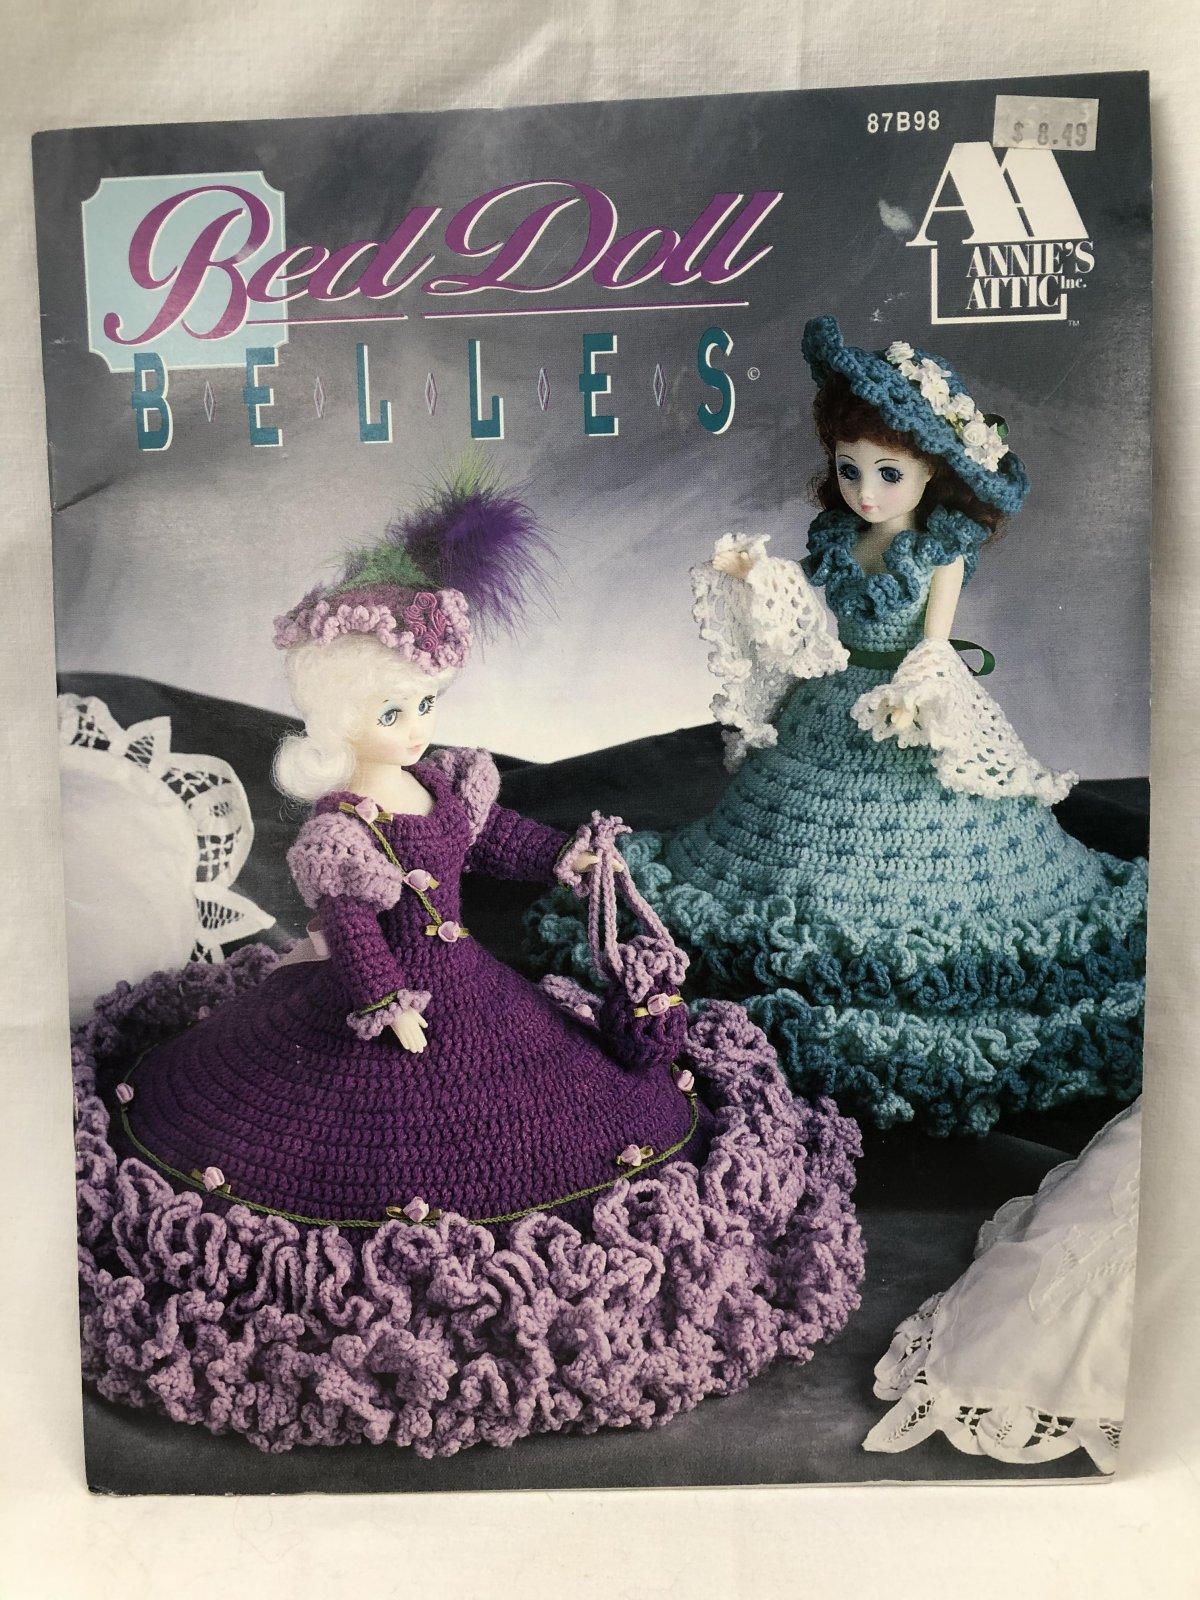 Bed Doll Belles